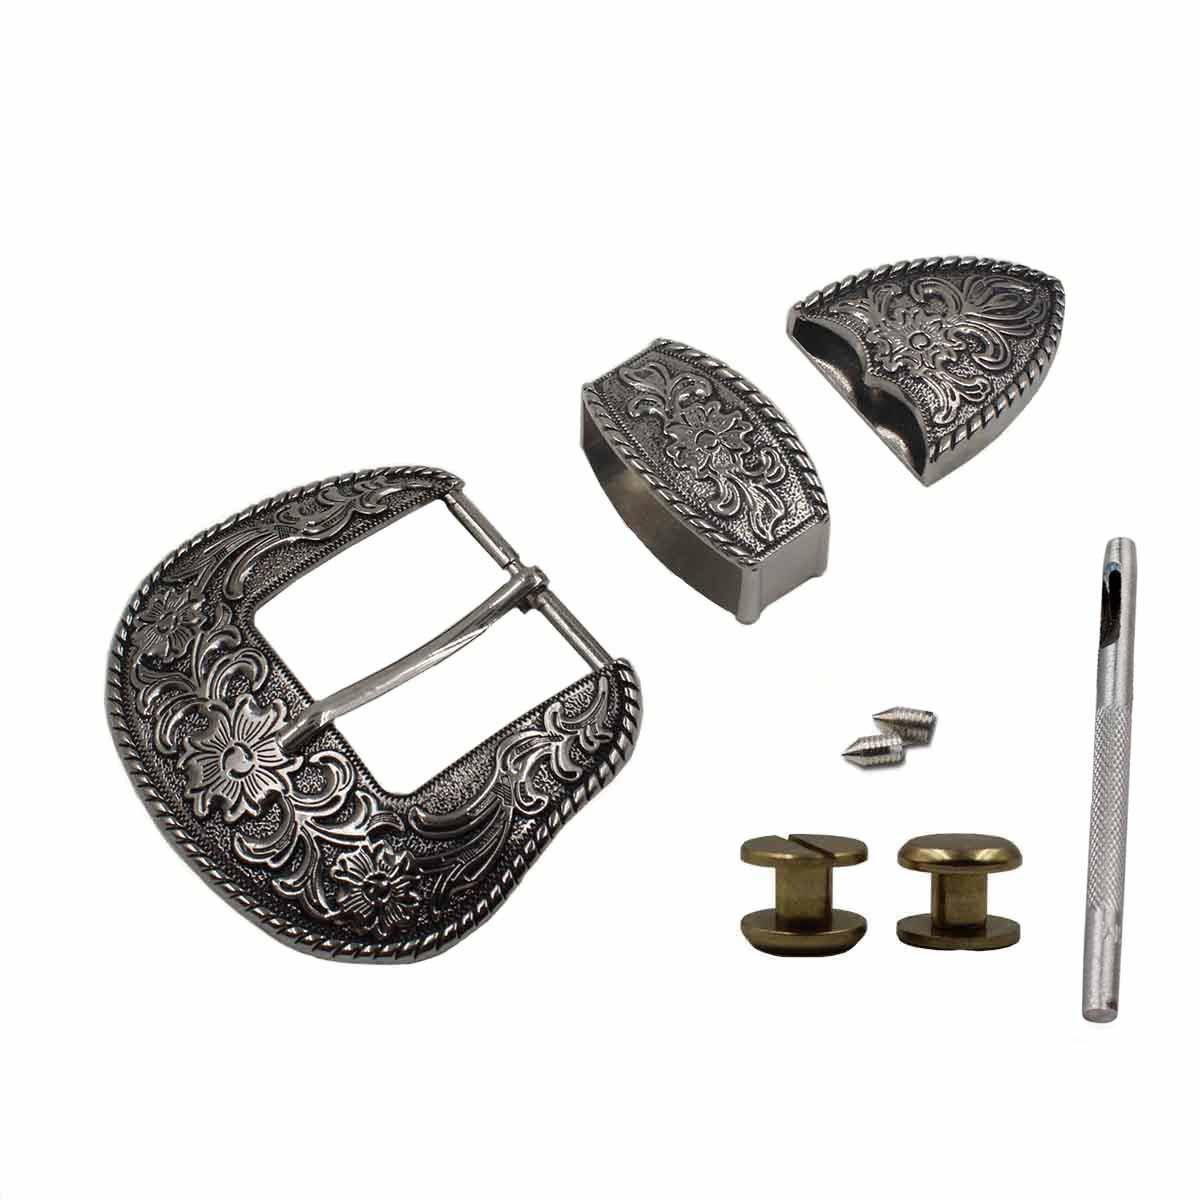 TOME 38 millimetri occidentale del cowboy fibbie d'argento inciso Belt Buckle Set 1-1/2PD05